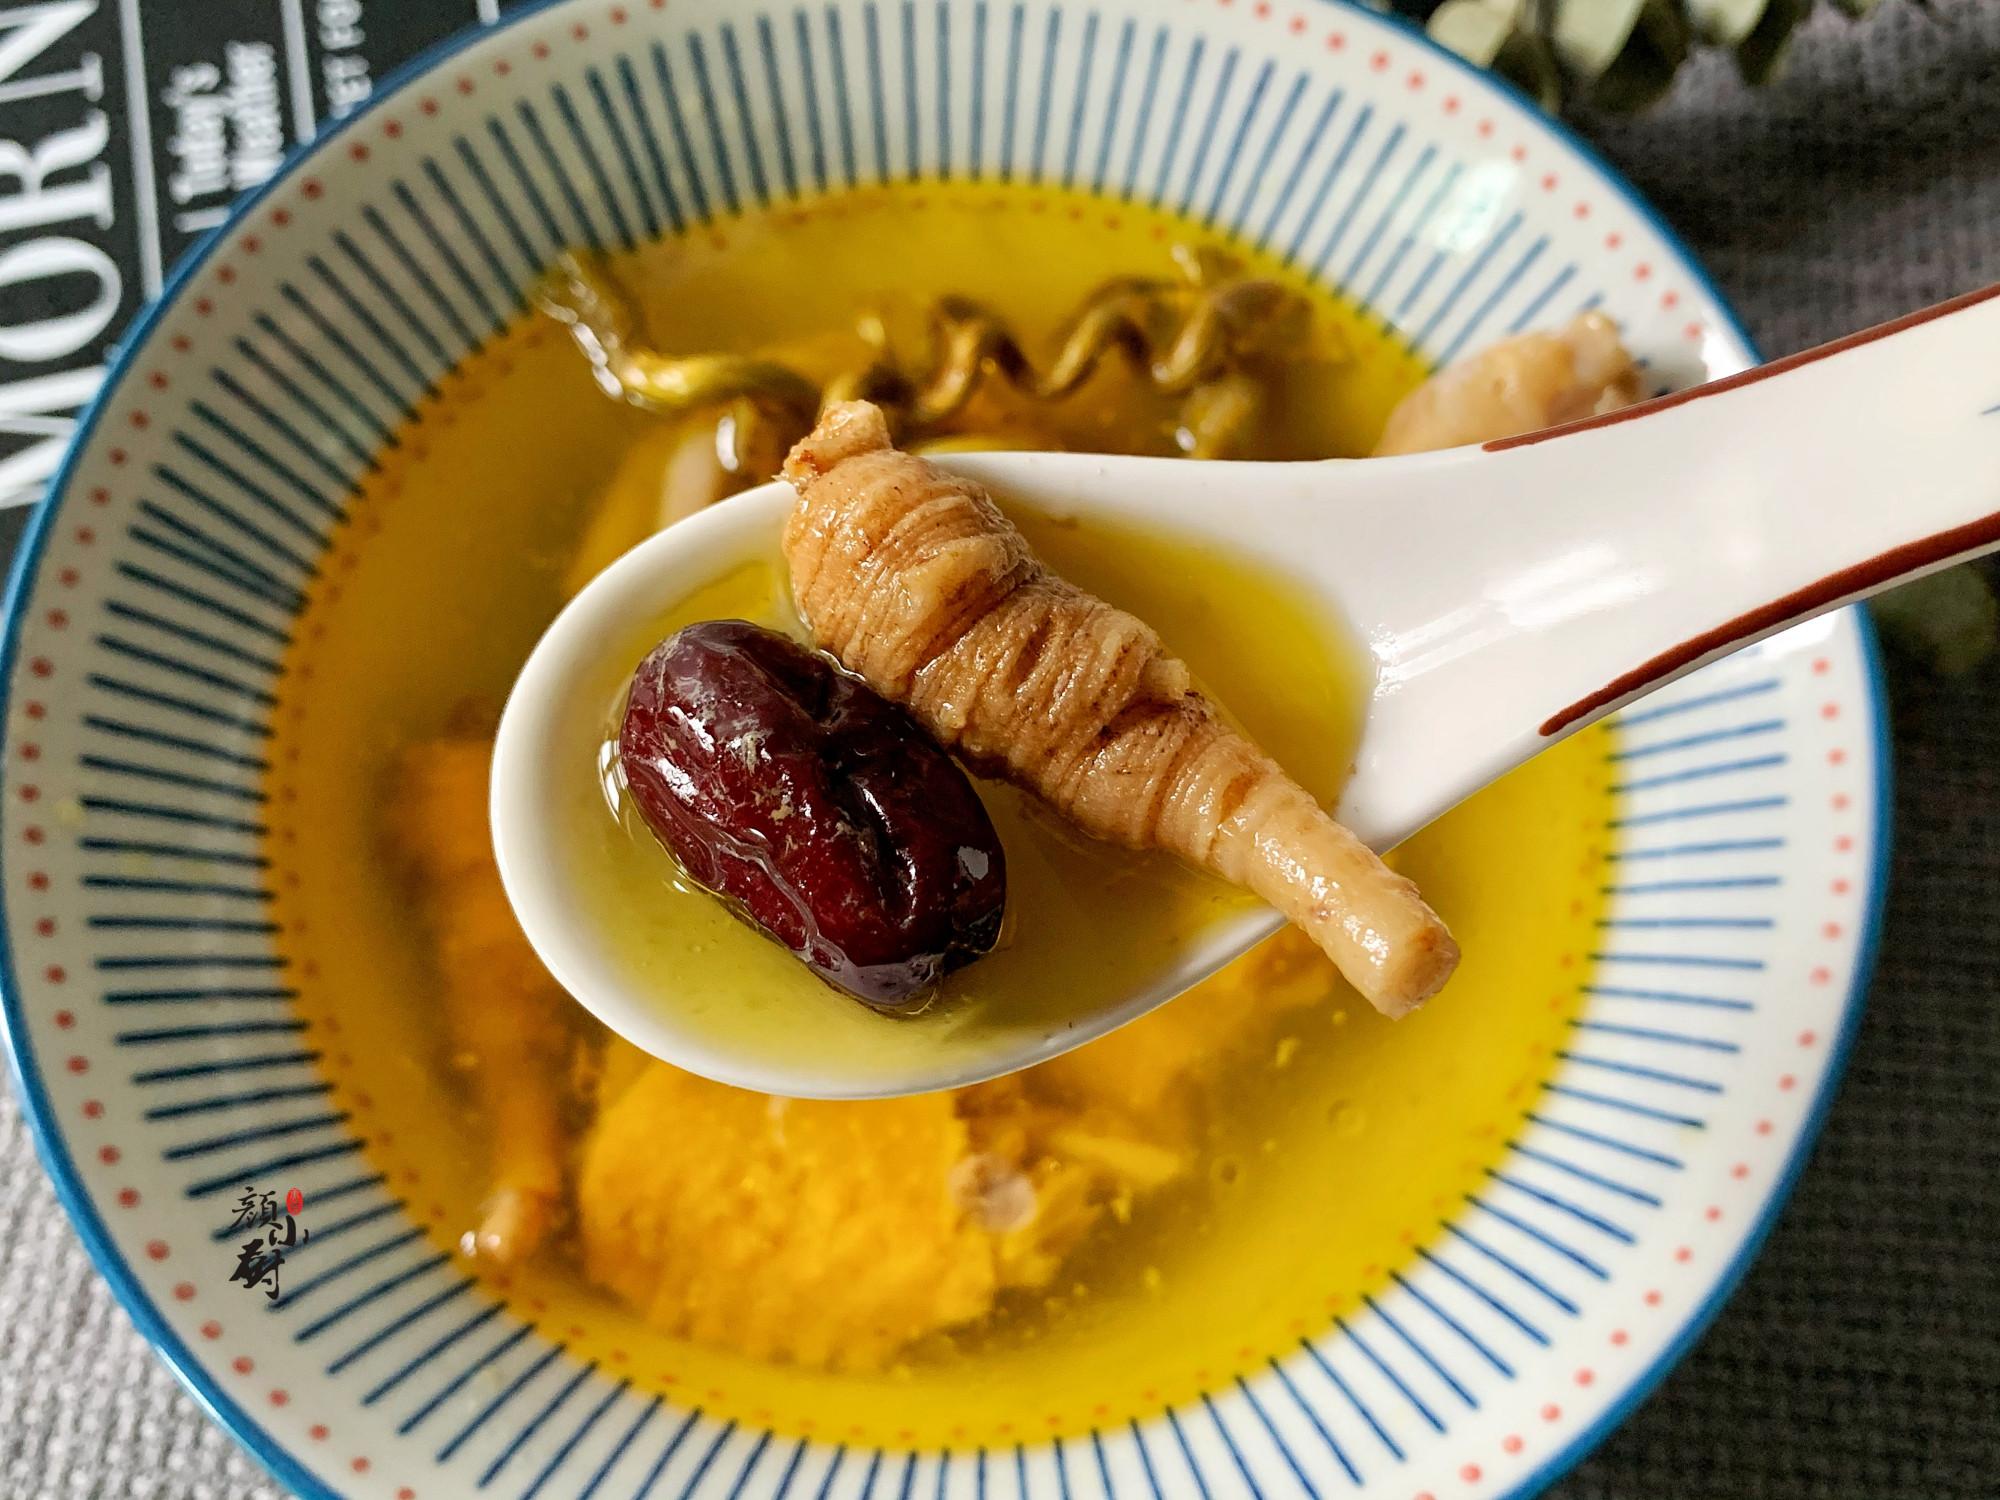 春天,多給家人喝這碗湯,這湯鮮甜潤燥又營養,全家都愛喝